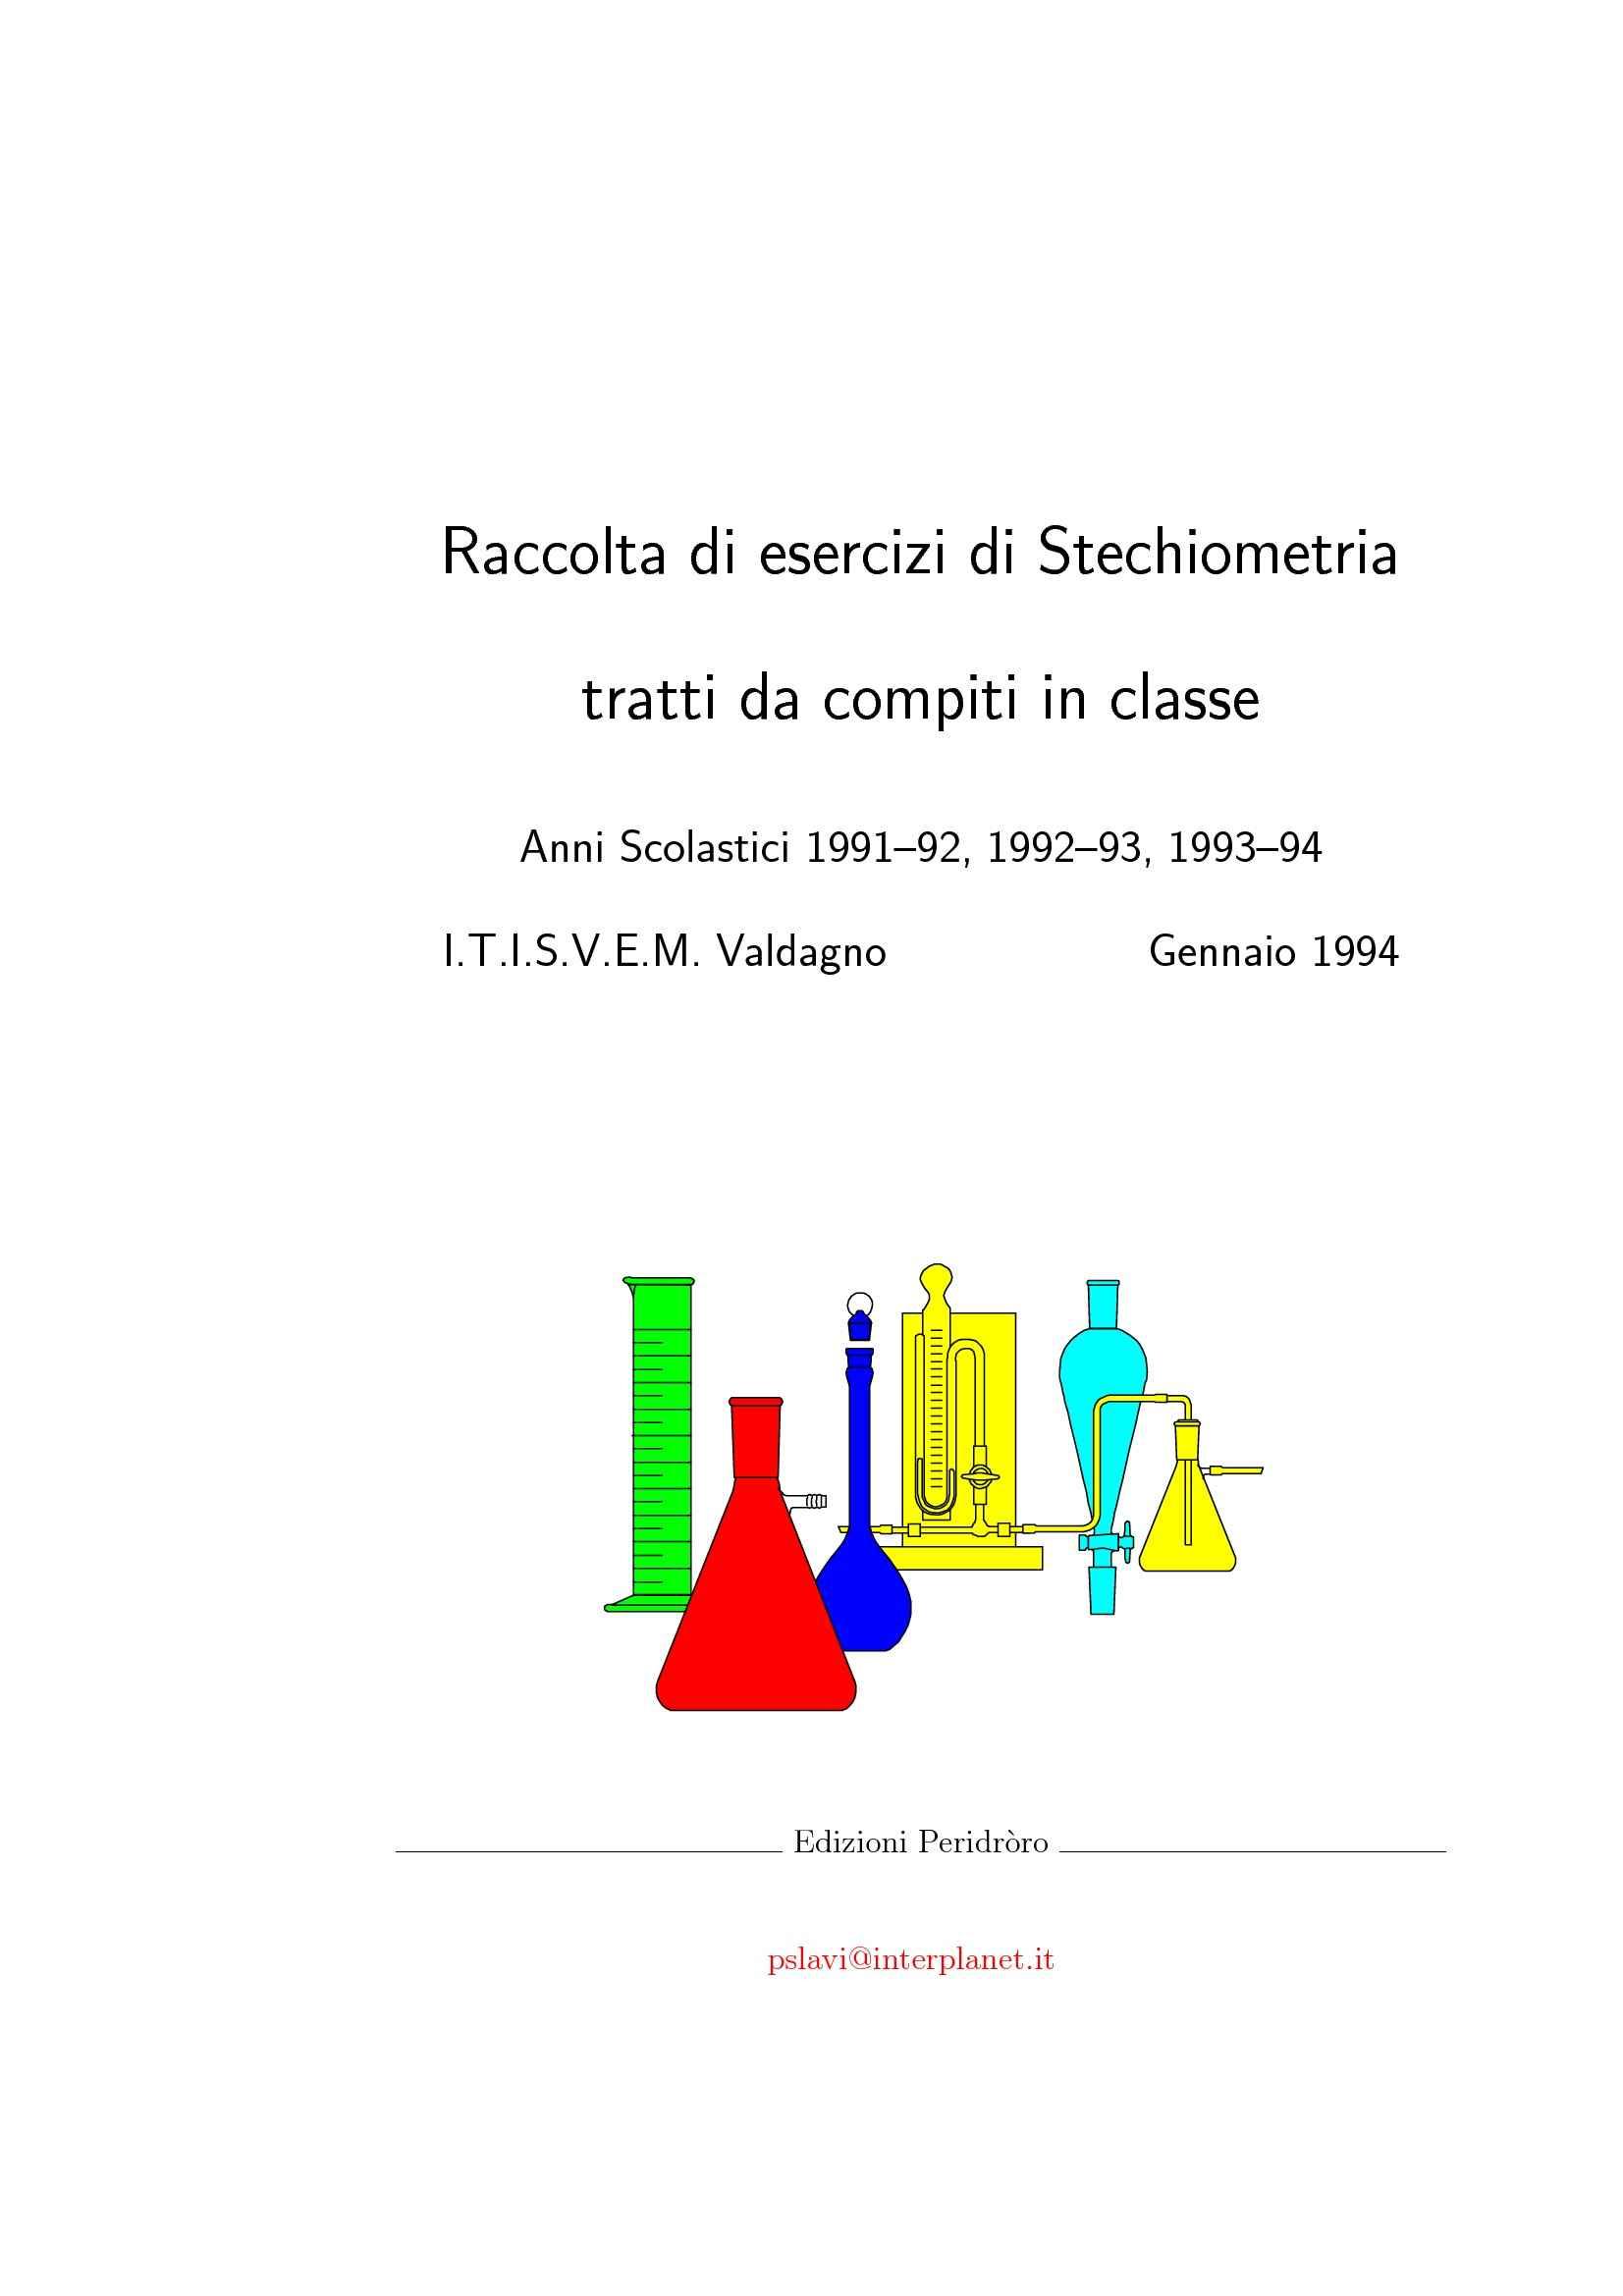 Stechiometria, calcolo Ph, soluzioni tampone